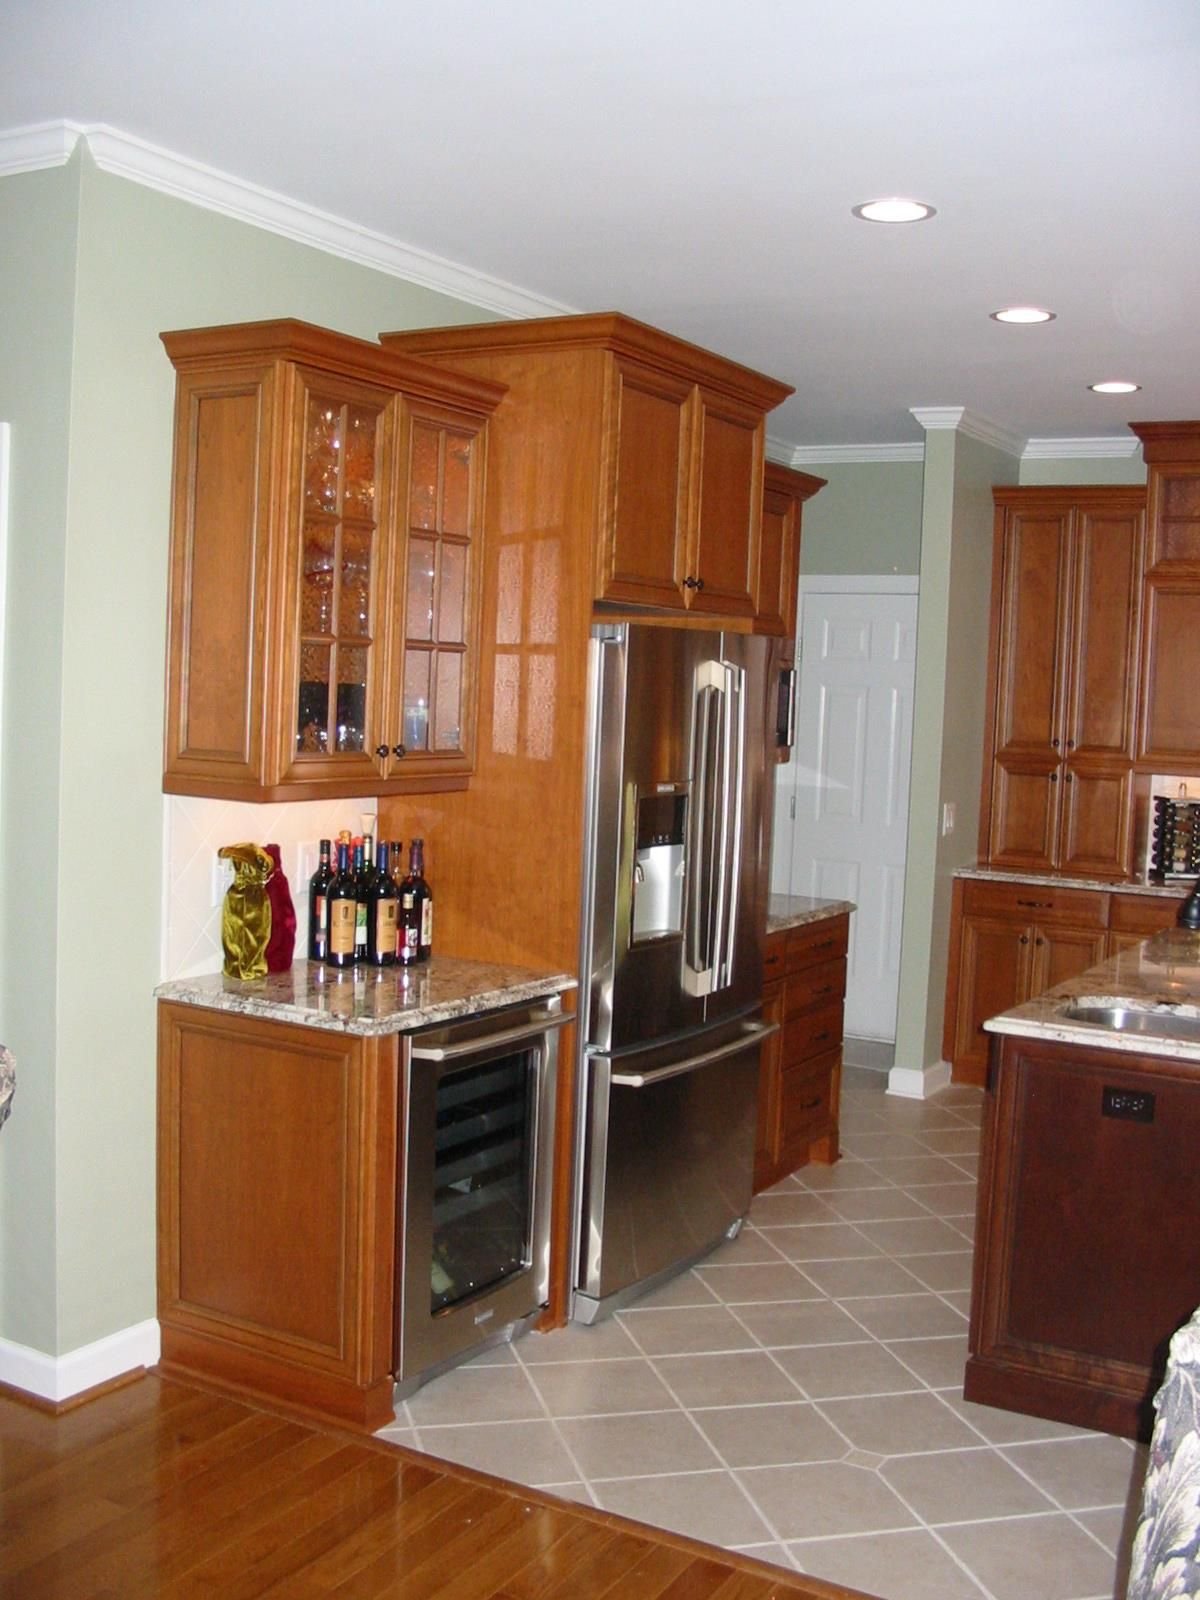 Kitchen Cabinets Around Fridge cabinets around fridge | kitchen | pinterest | cabinets